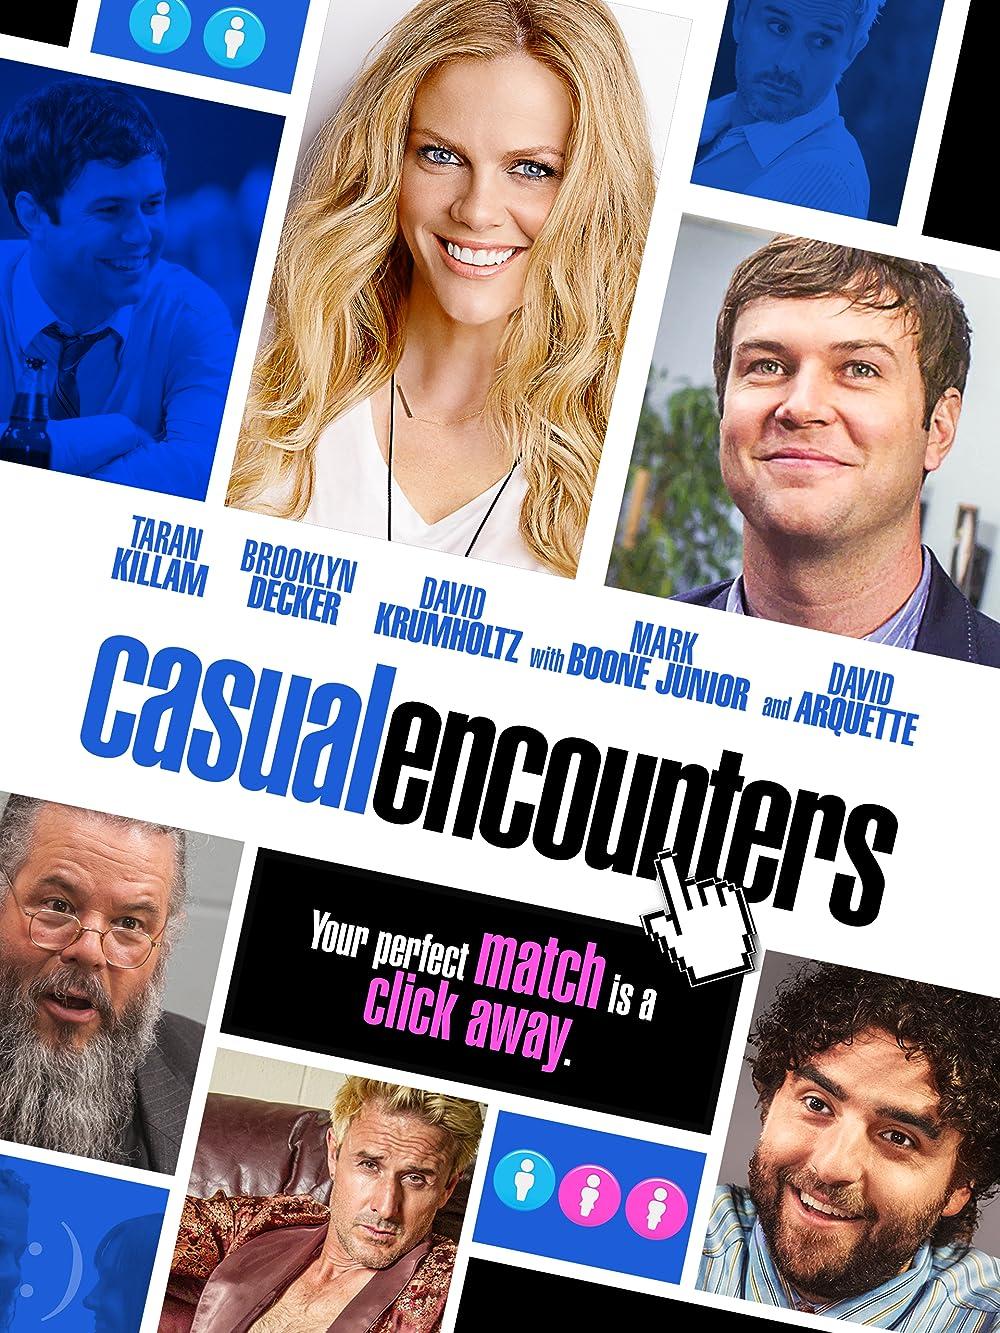 Casual Encounters Poster IMDb & Amazon Image